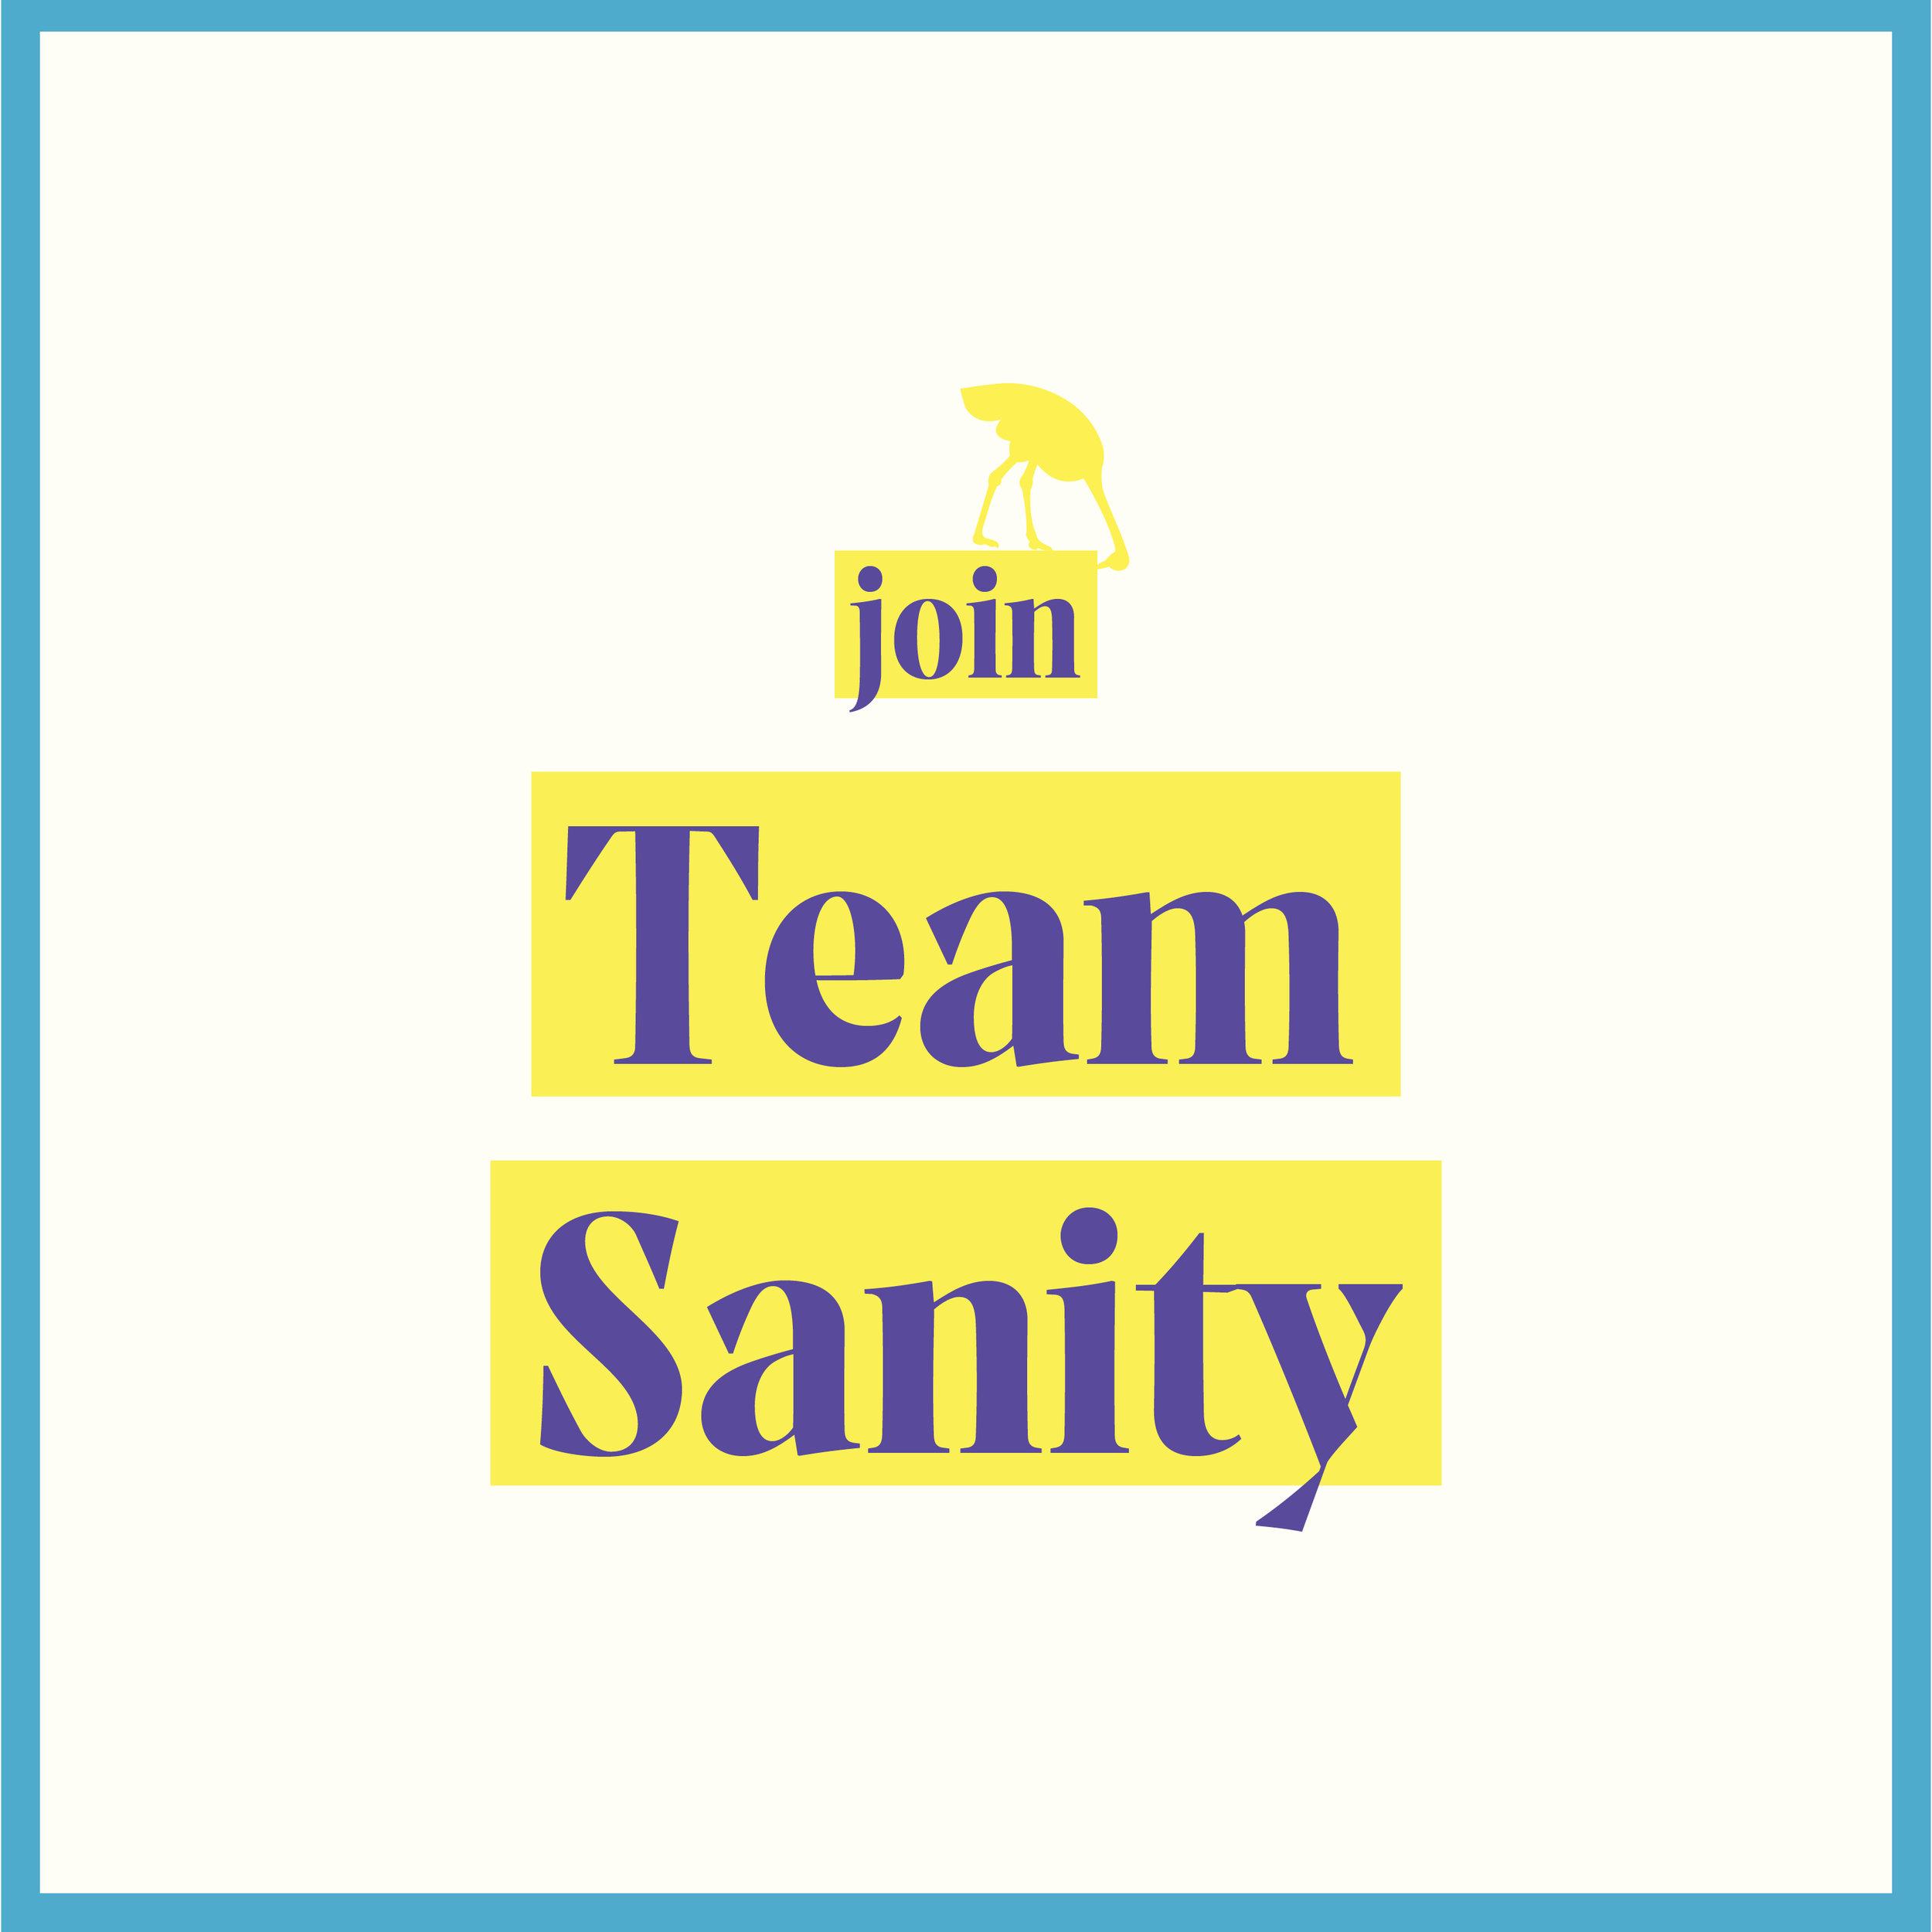 join team sanity.jpg